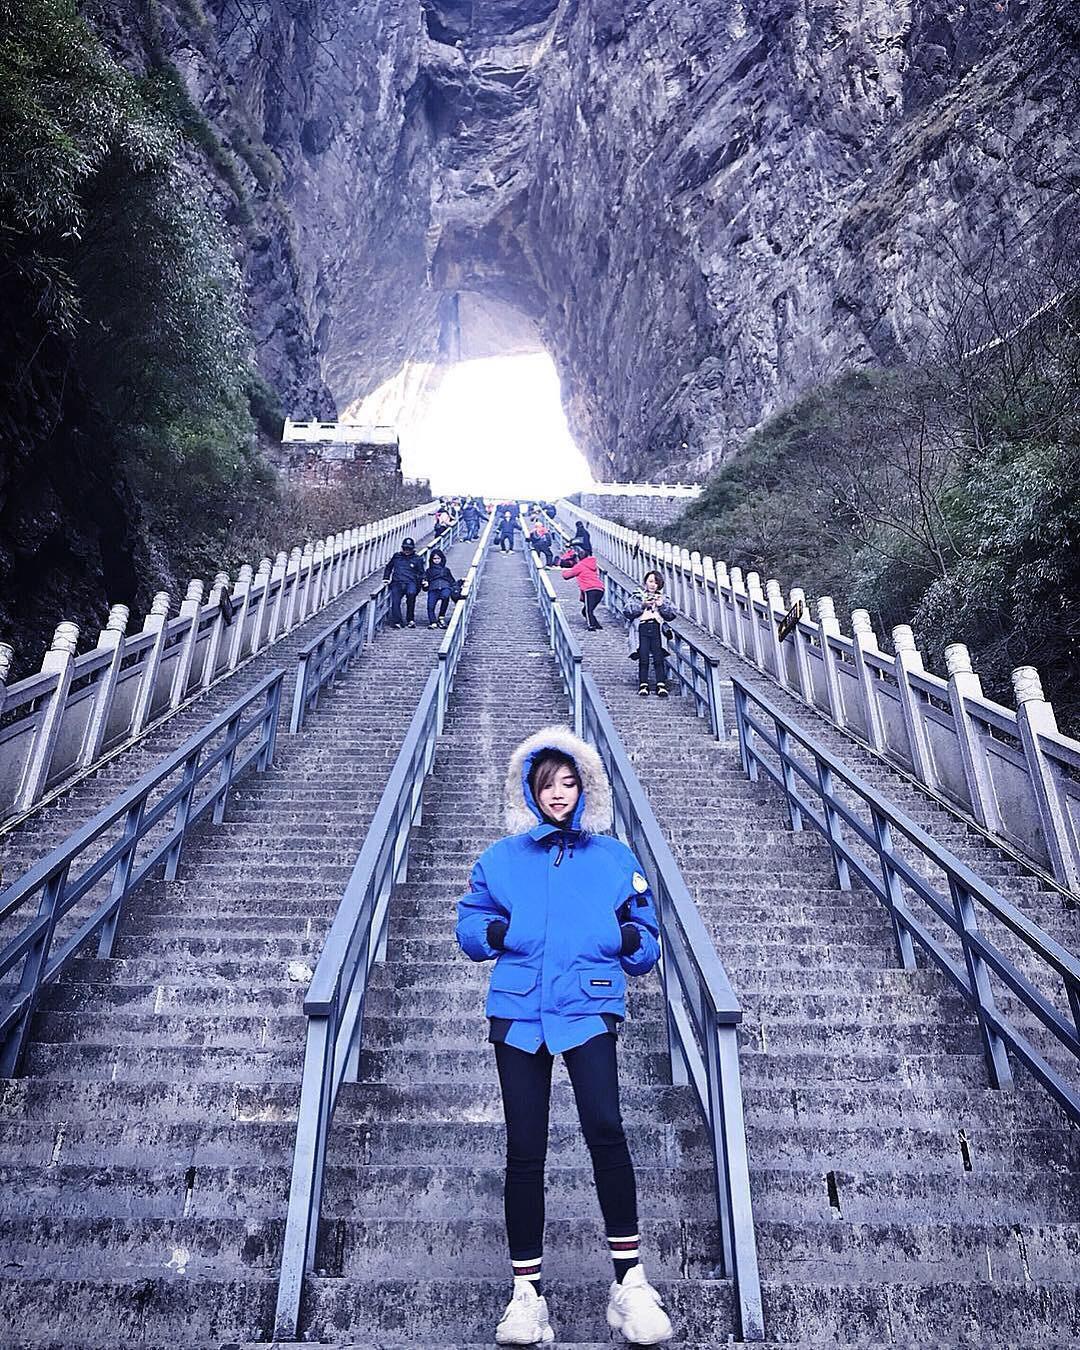 Thiên Môn Sơn - Đường lên cổng trời ở Trung Quốc khiến hội yếu tim phải khóc thét với 99 khúc cua dựng đứng - Ảnh 5.